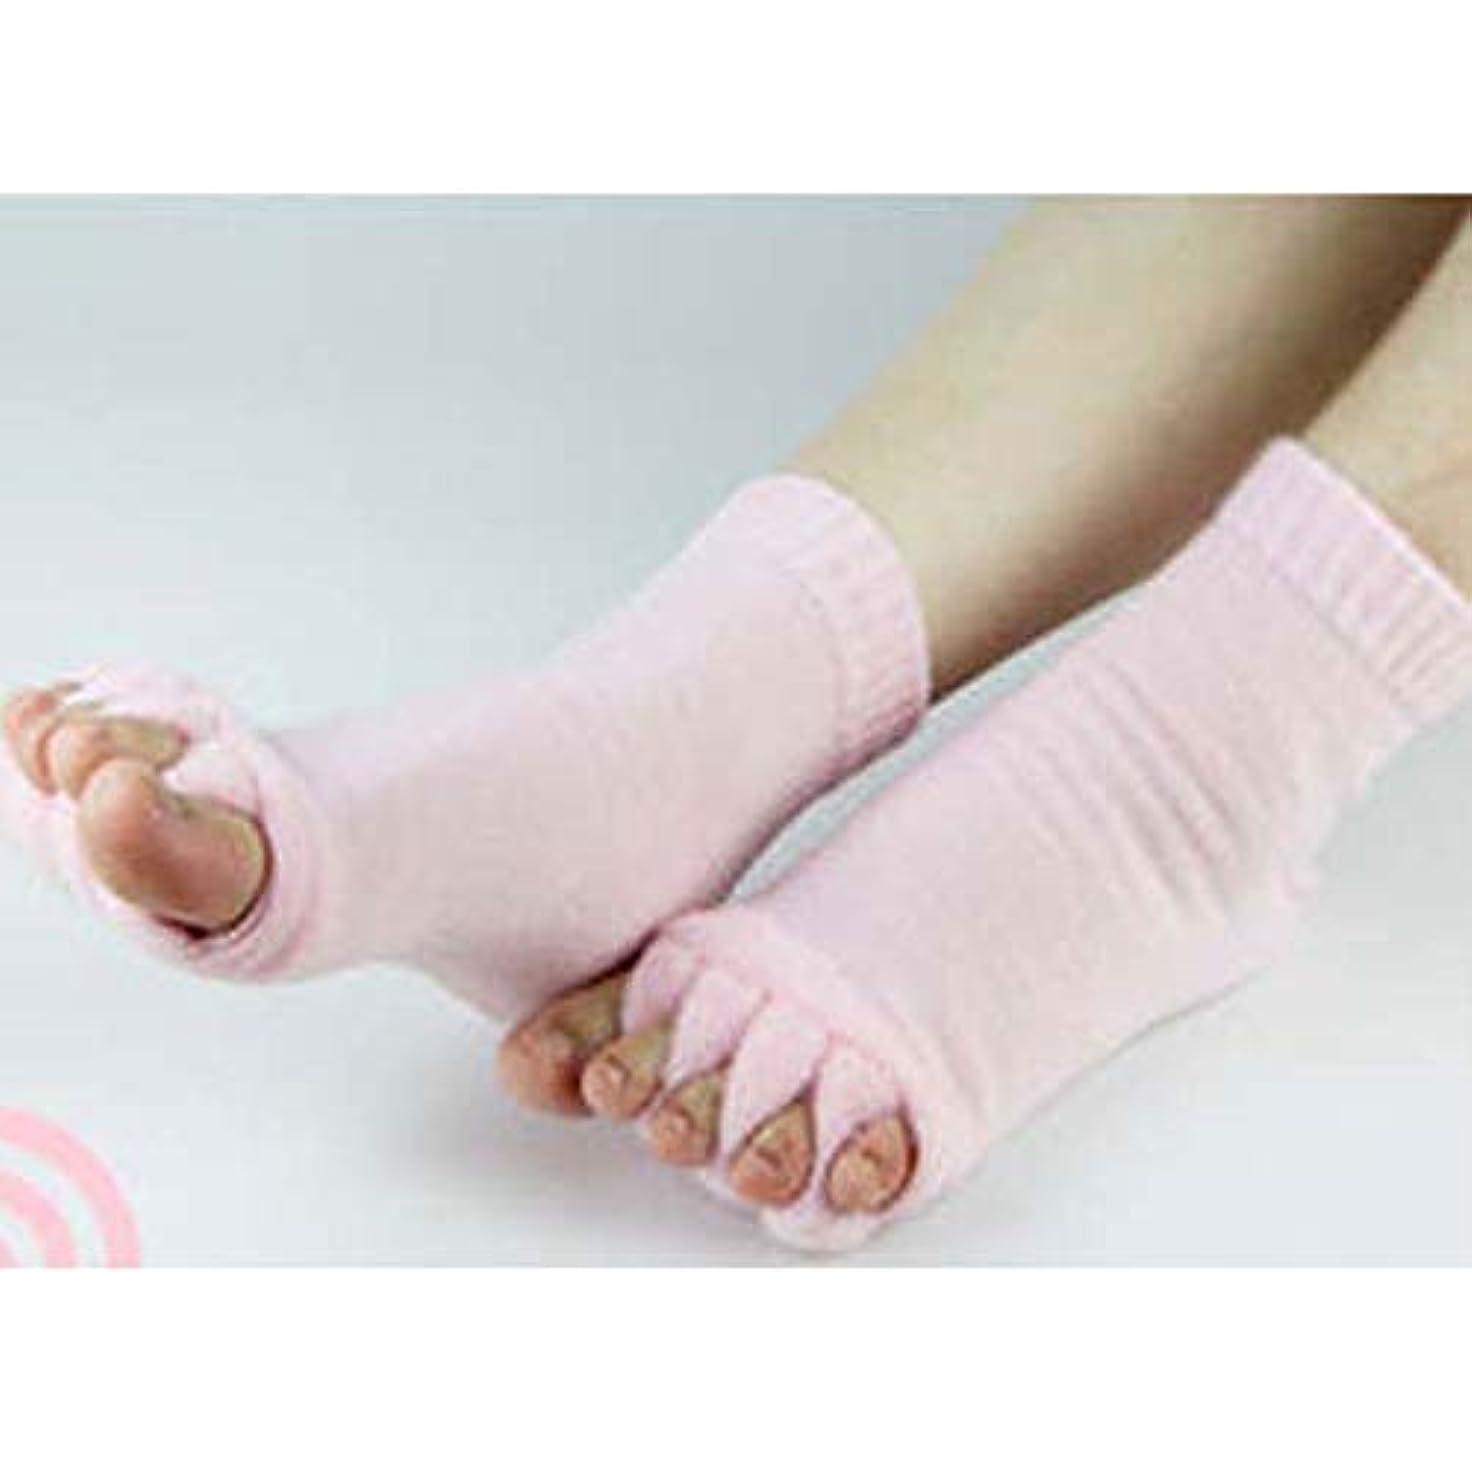 信頼ハロウィン改修する足指スリーピングソックス 足指セラピー ピンク